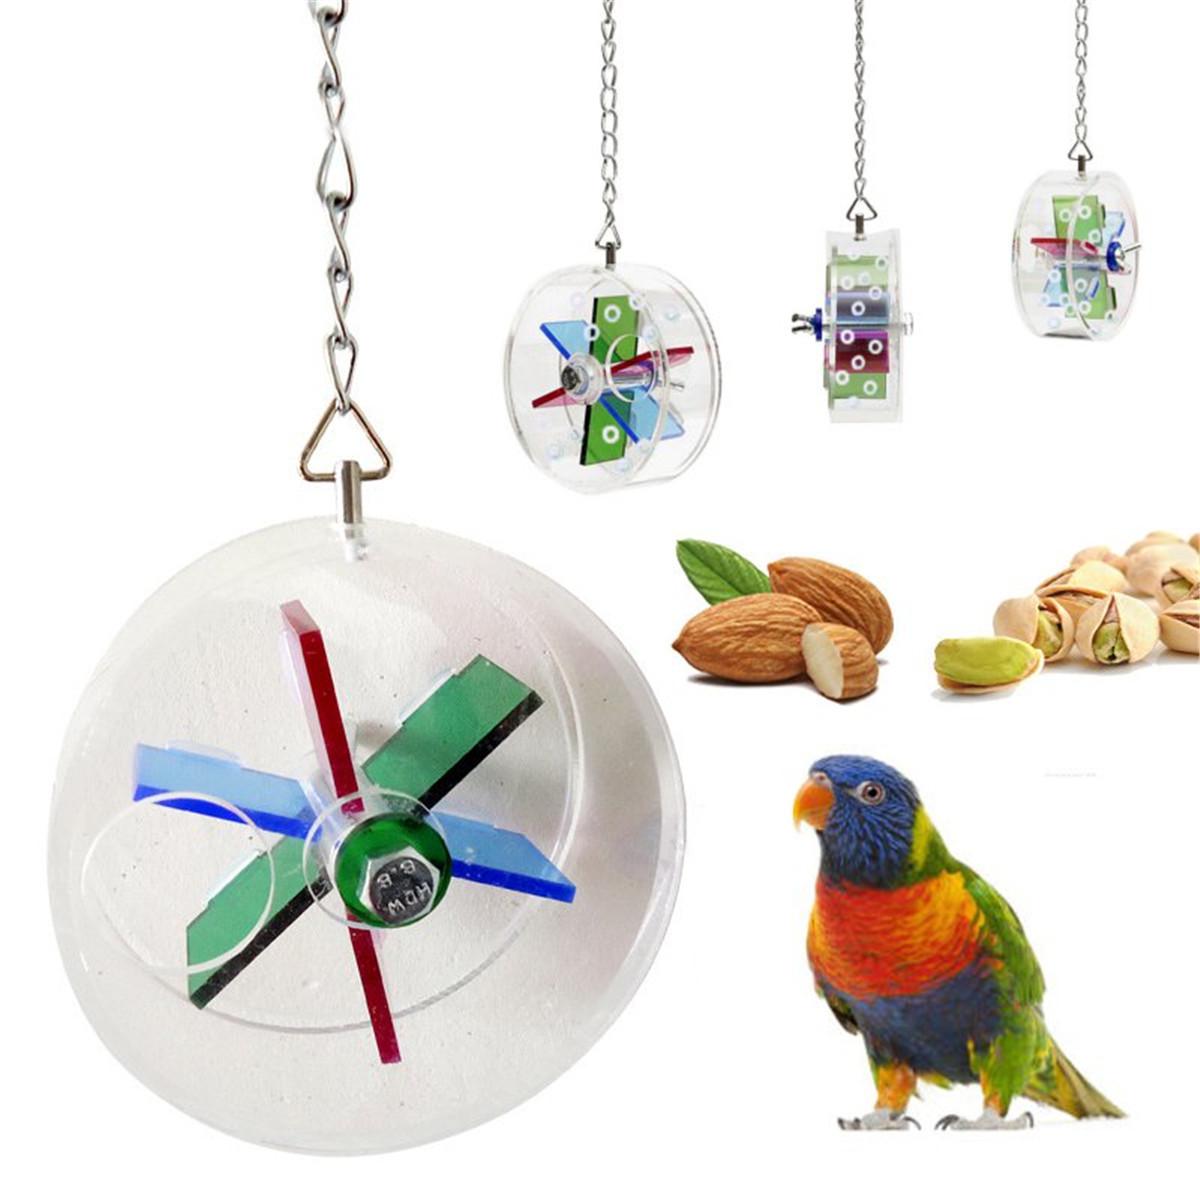 Висит Попугай Ролик Фидерное Устройство в форме Колеса Игрушки Птицу Попугай Канарских Foraging Развлечения Игрушки